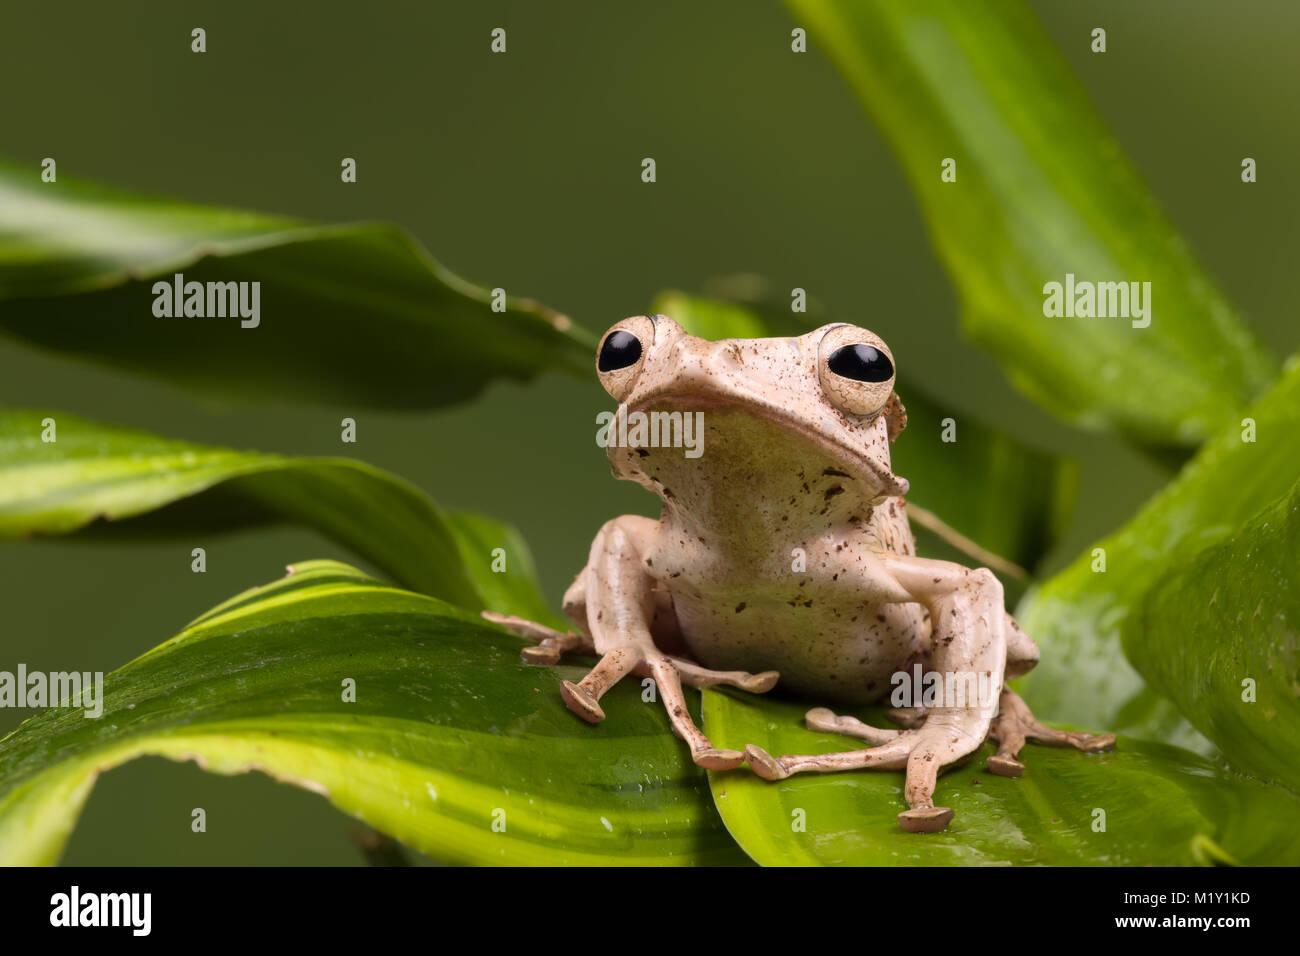 Adulto Borneo Eared rana su foglie verdi Immagini Stock